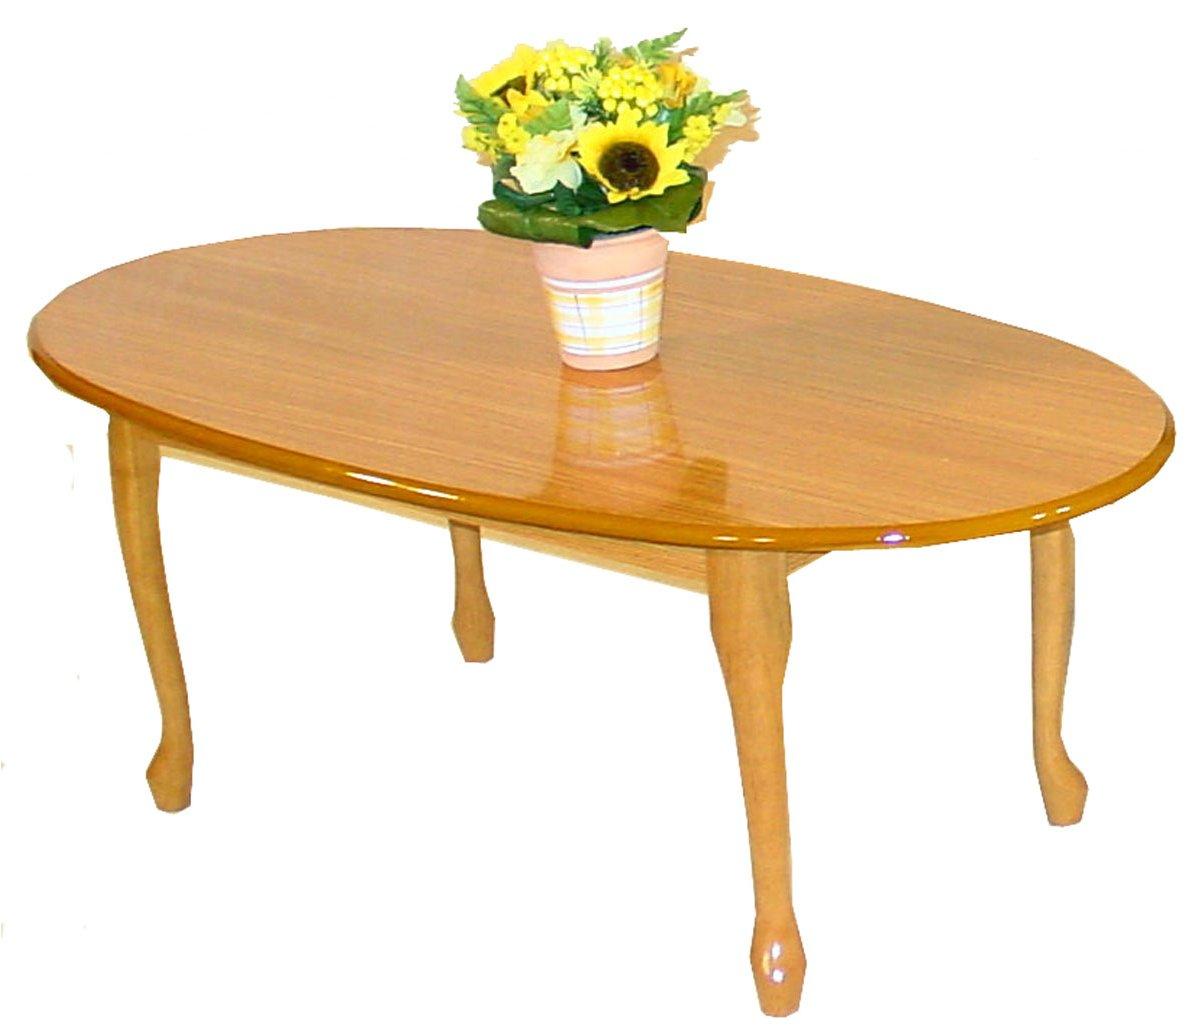 queen anne golden oak coffee table With golden oak coffee table